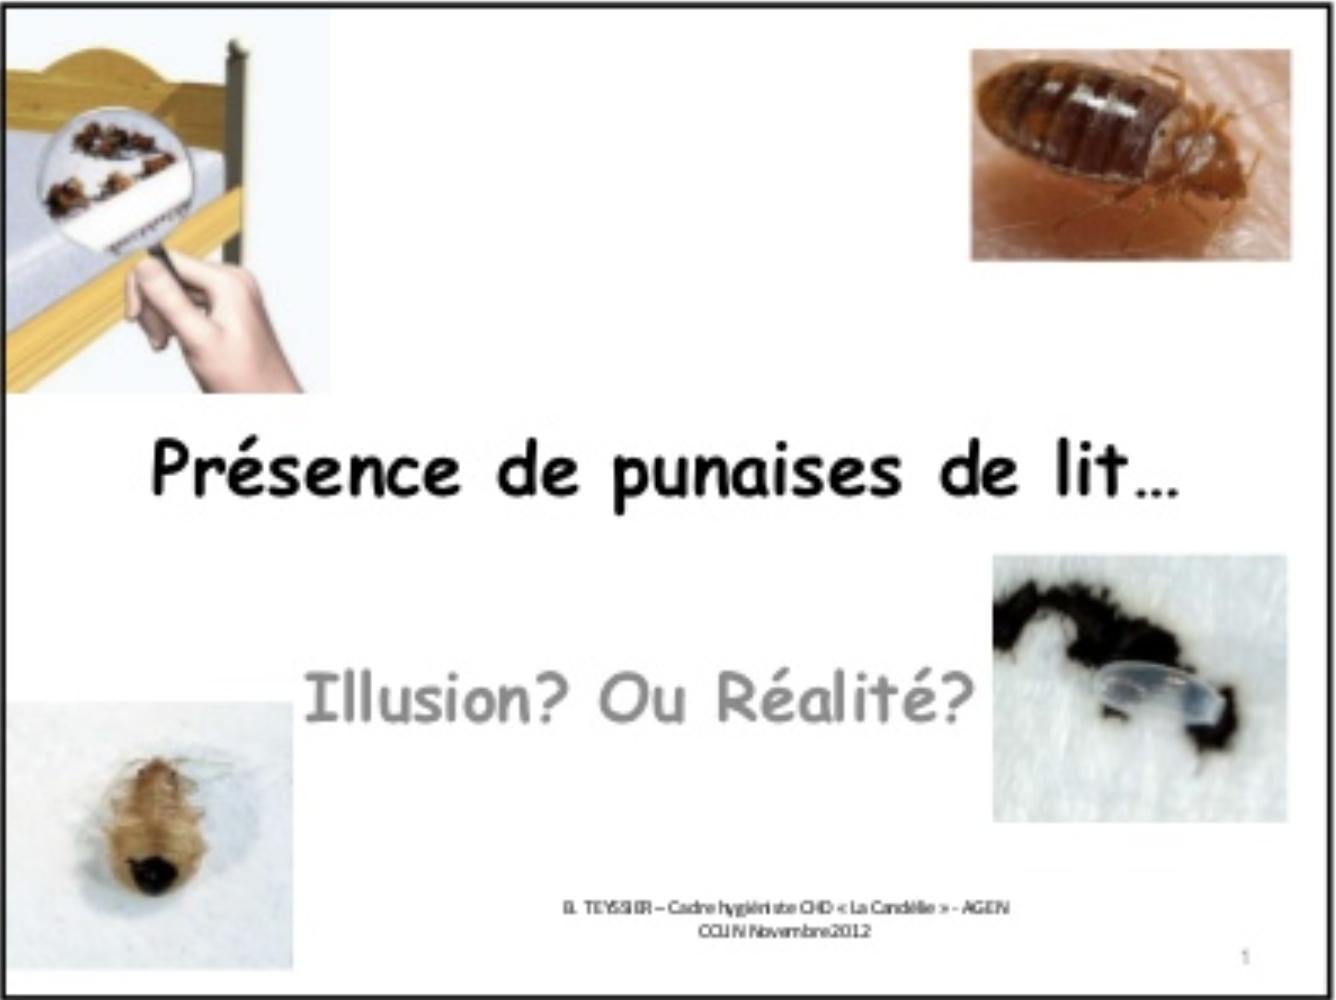 punaises illusion ou réalité